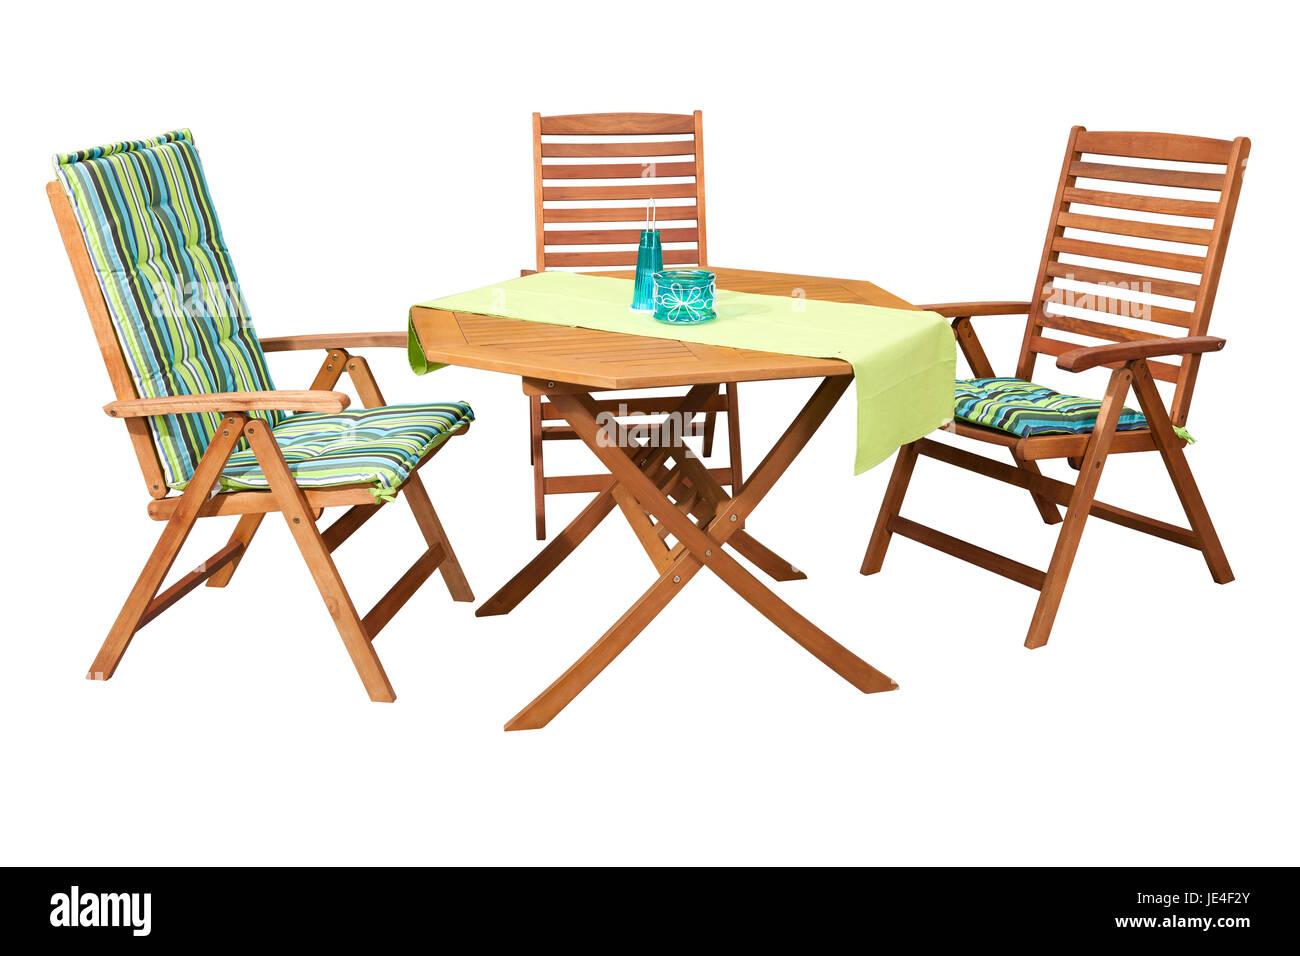 Set aus Holz Gartenmöbel - Tisch und 3 Stühlen, isoliert auf weiß ...